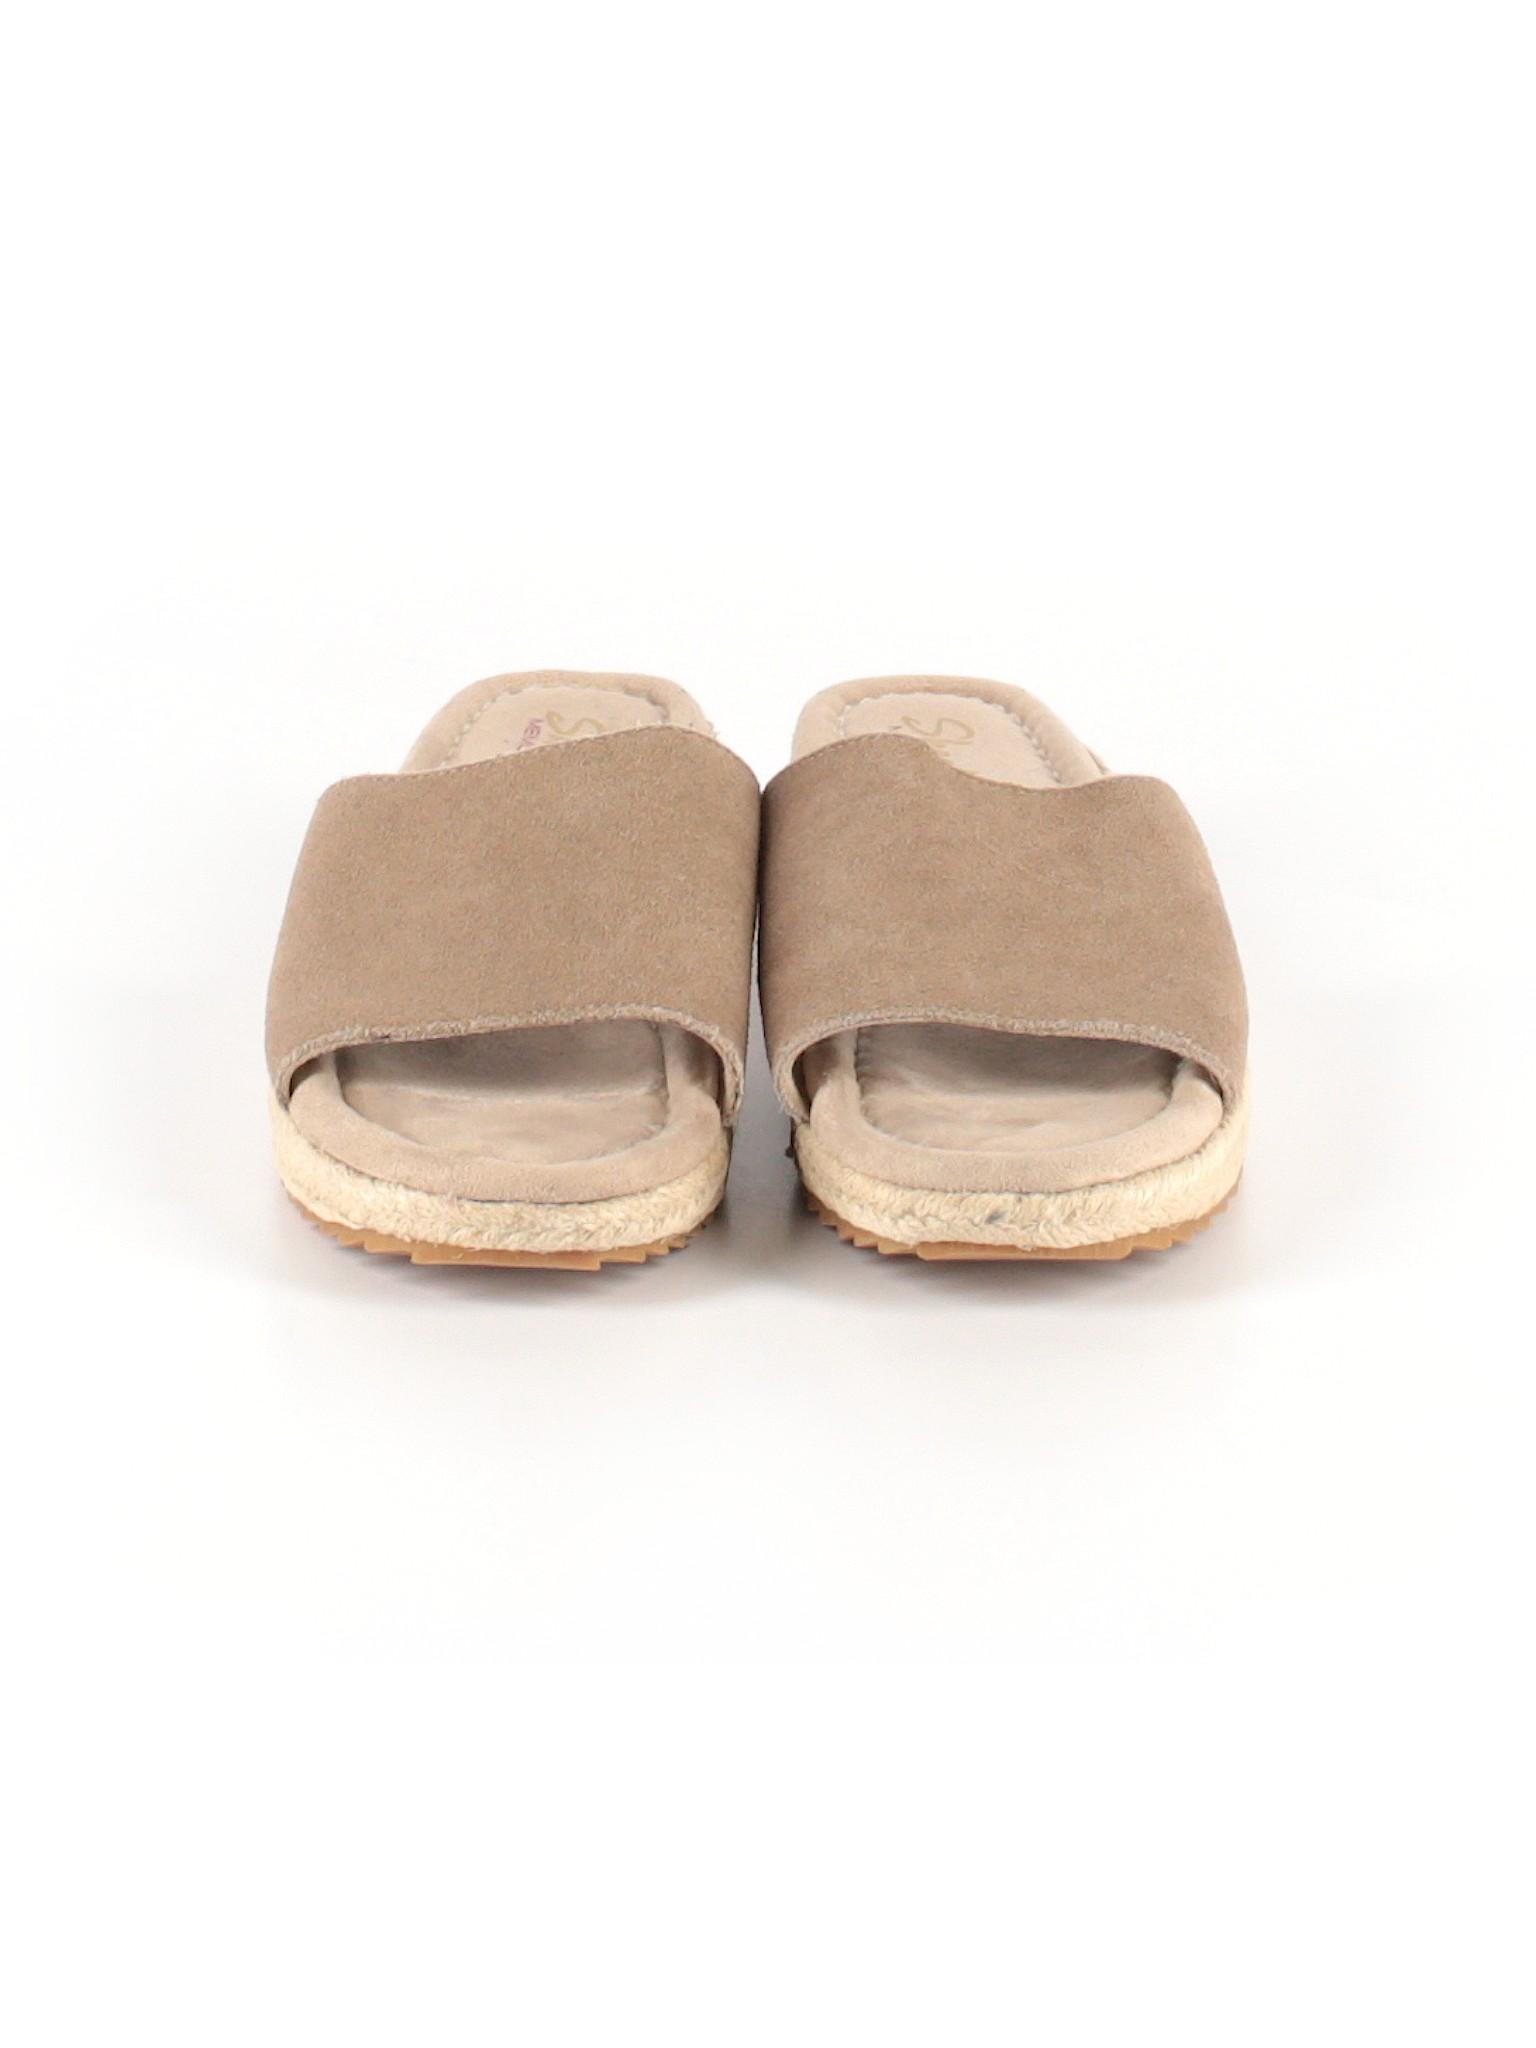 promotion Boutique Sandals promotion Boutique Skechers Skechers qHf0EWt